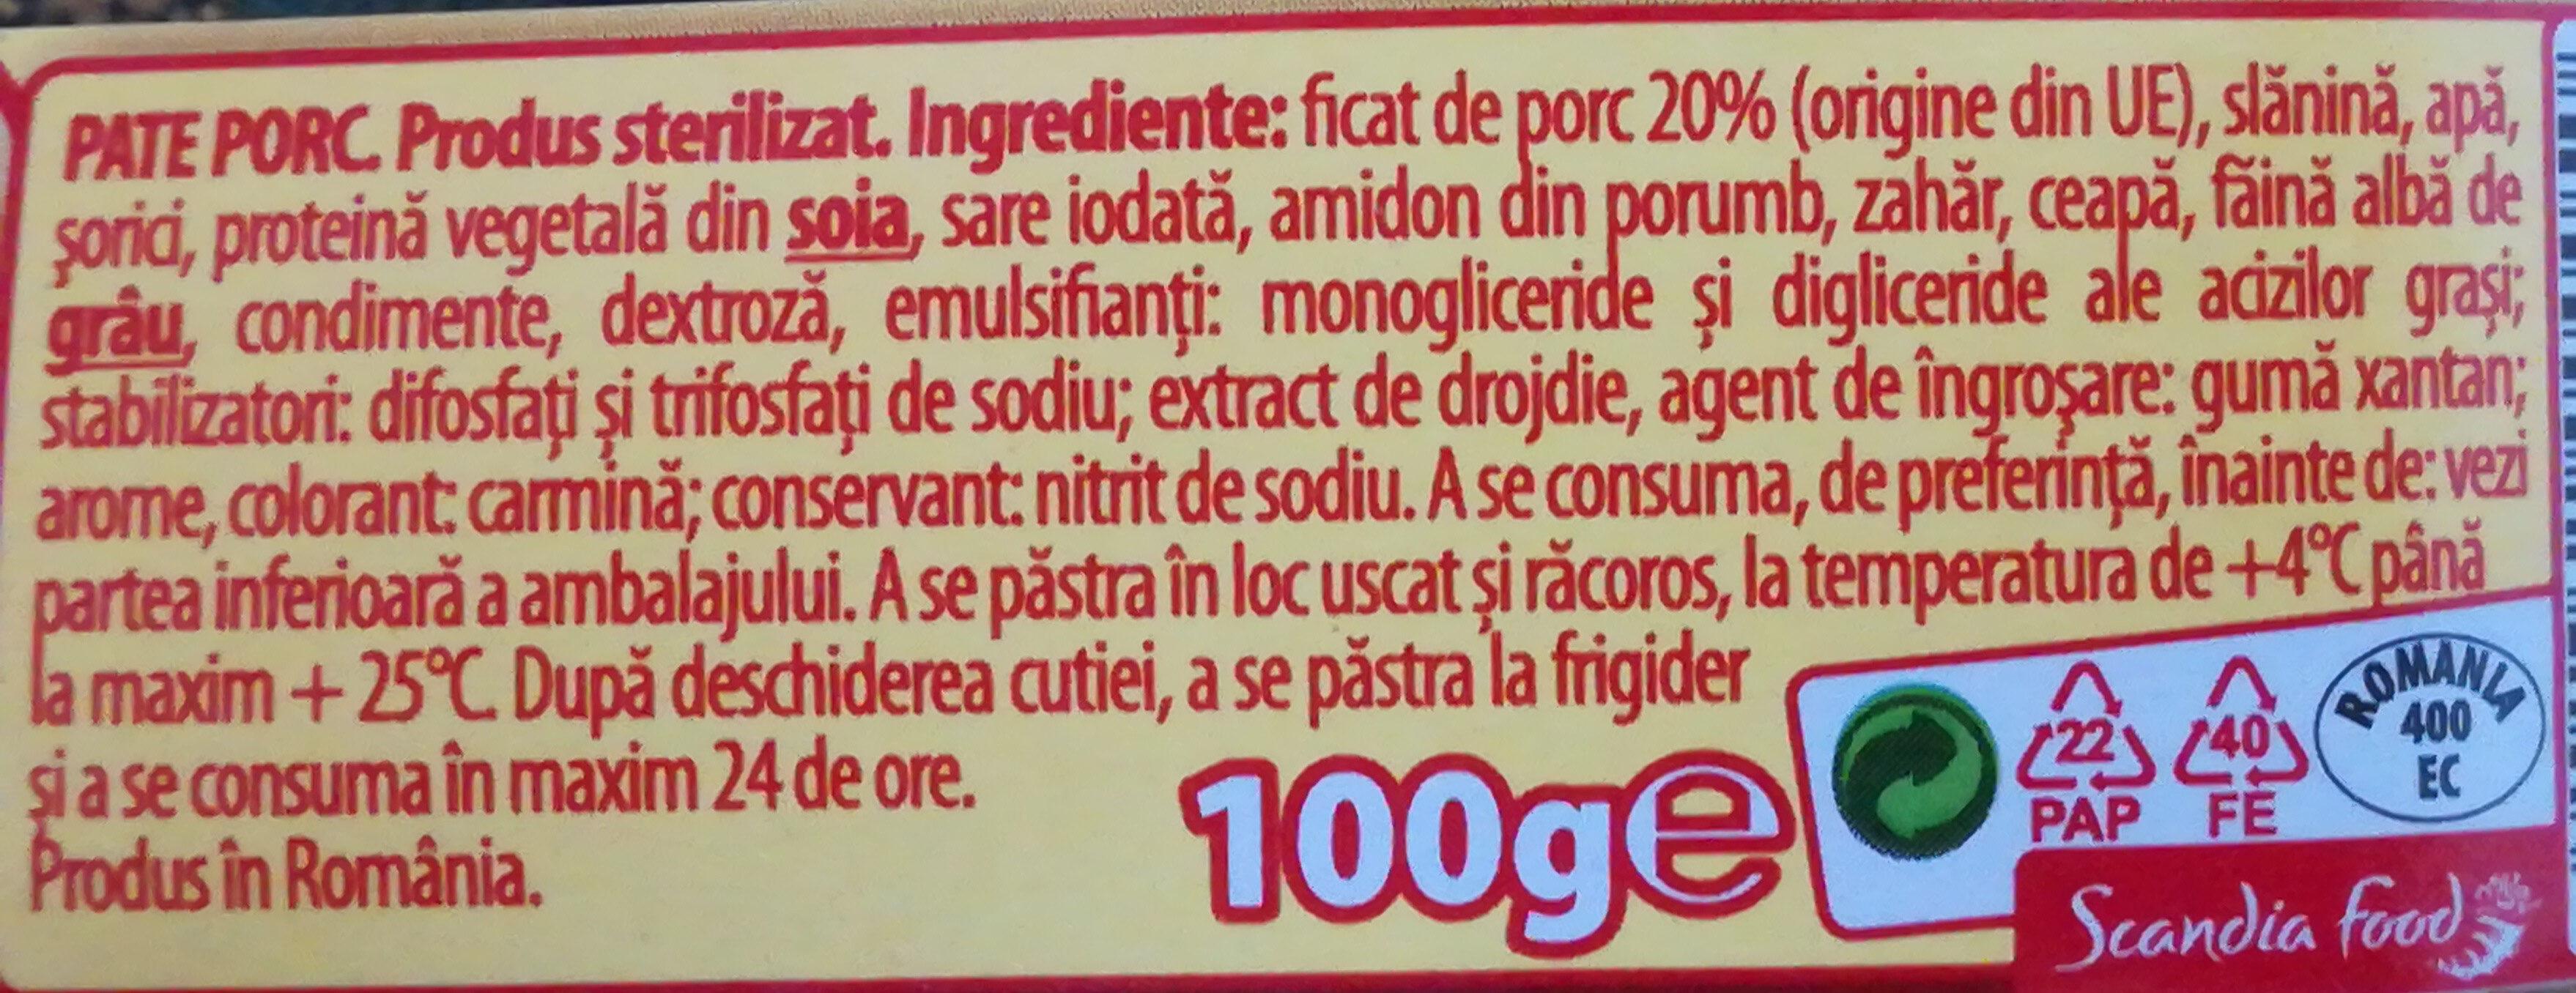 Bucegi Pate Porc - Ingredients - ro